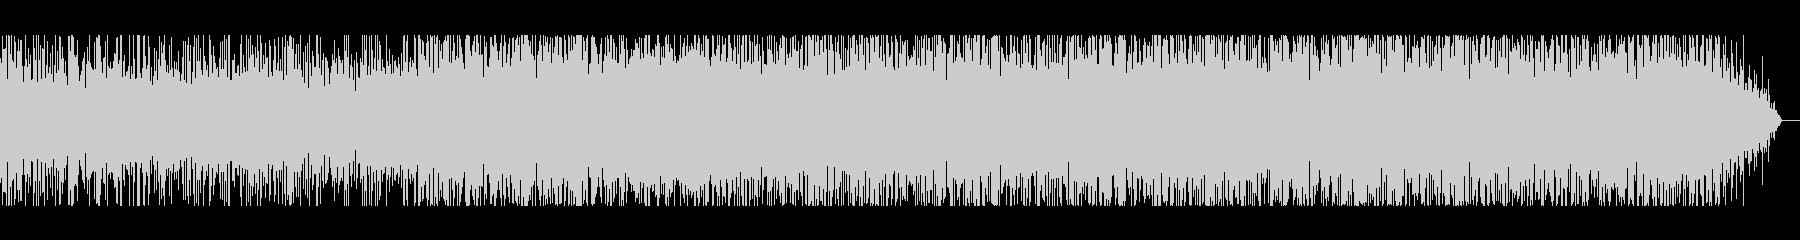 小さな滝 03 モノラル【環境音】の未再生の波形